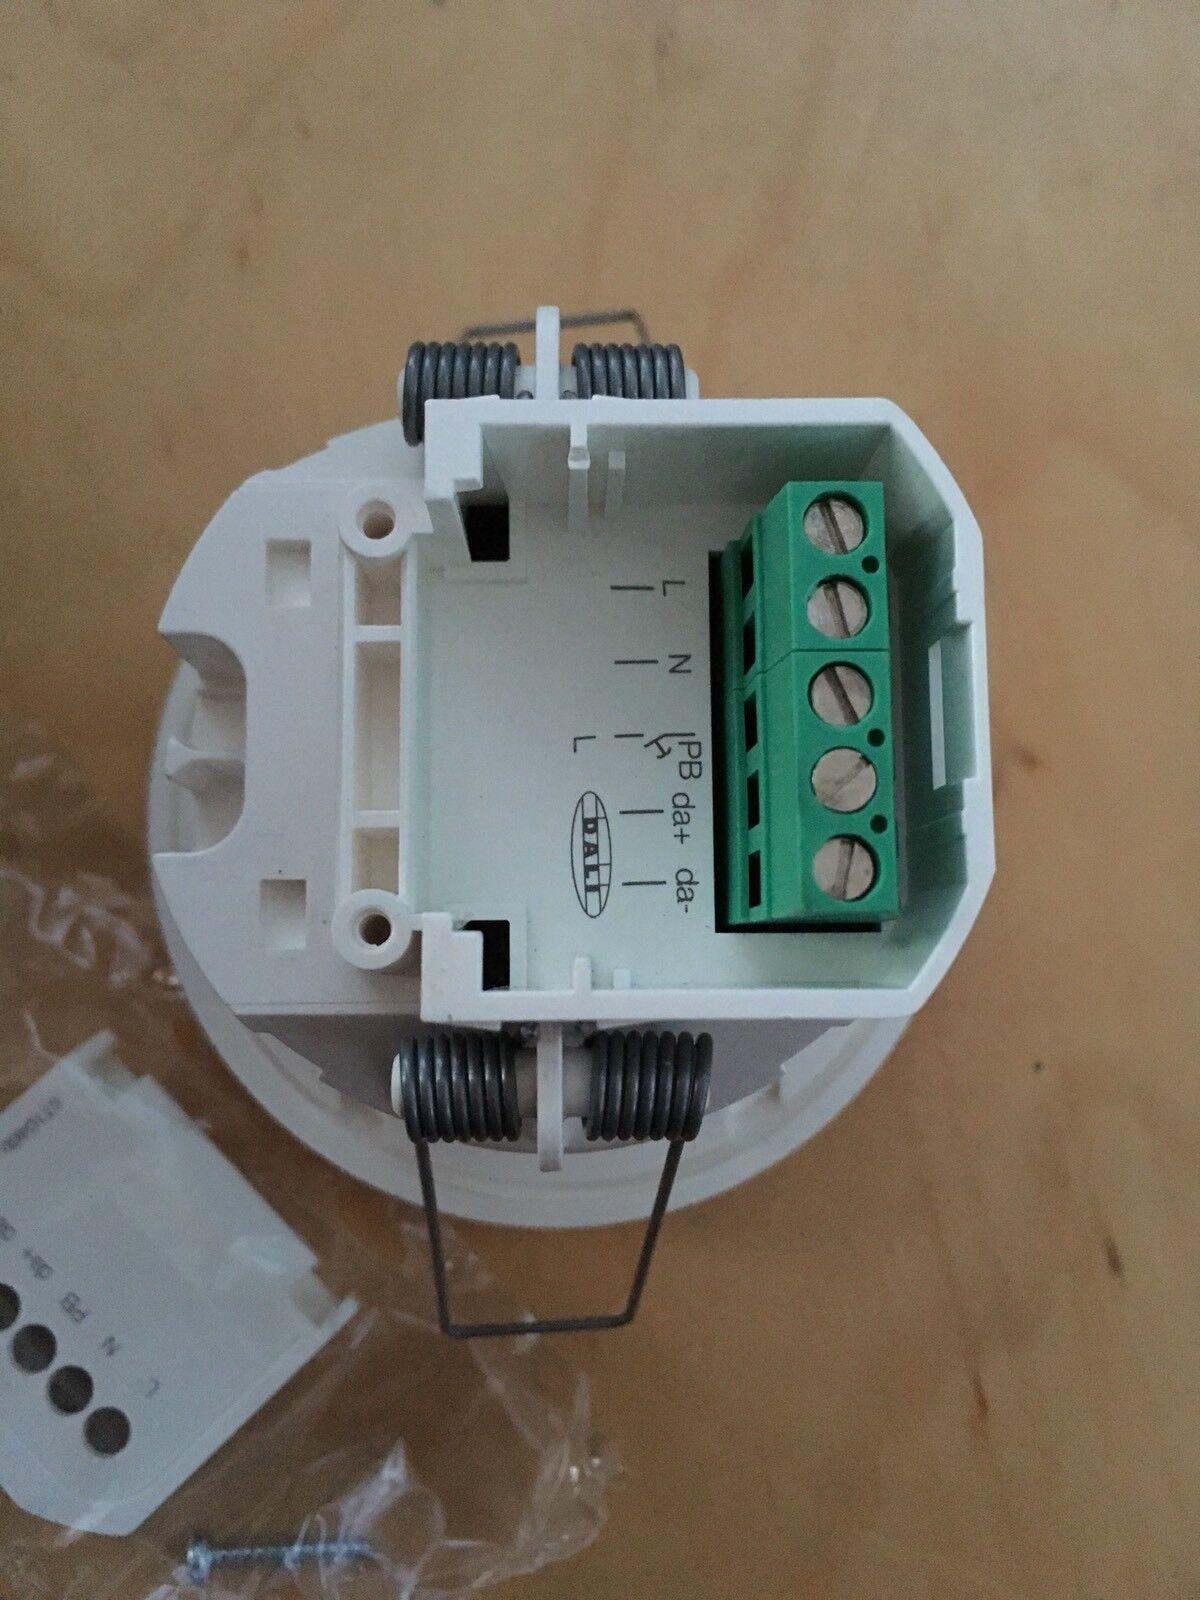 Hager EEK520B 757901 Surface BESA Digital PIR Occupancy Sensor